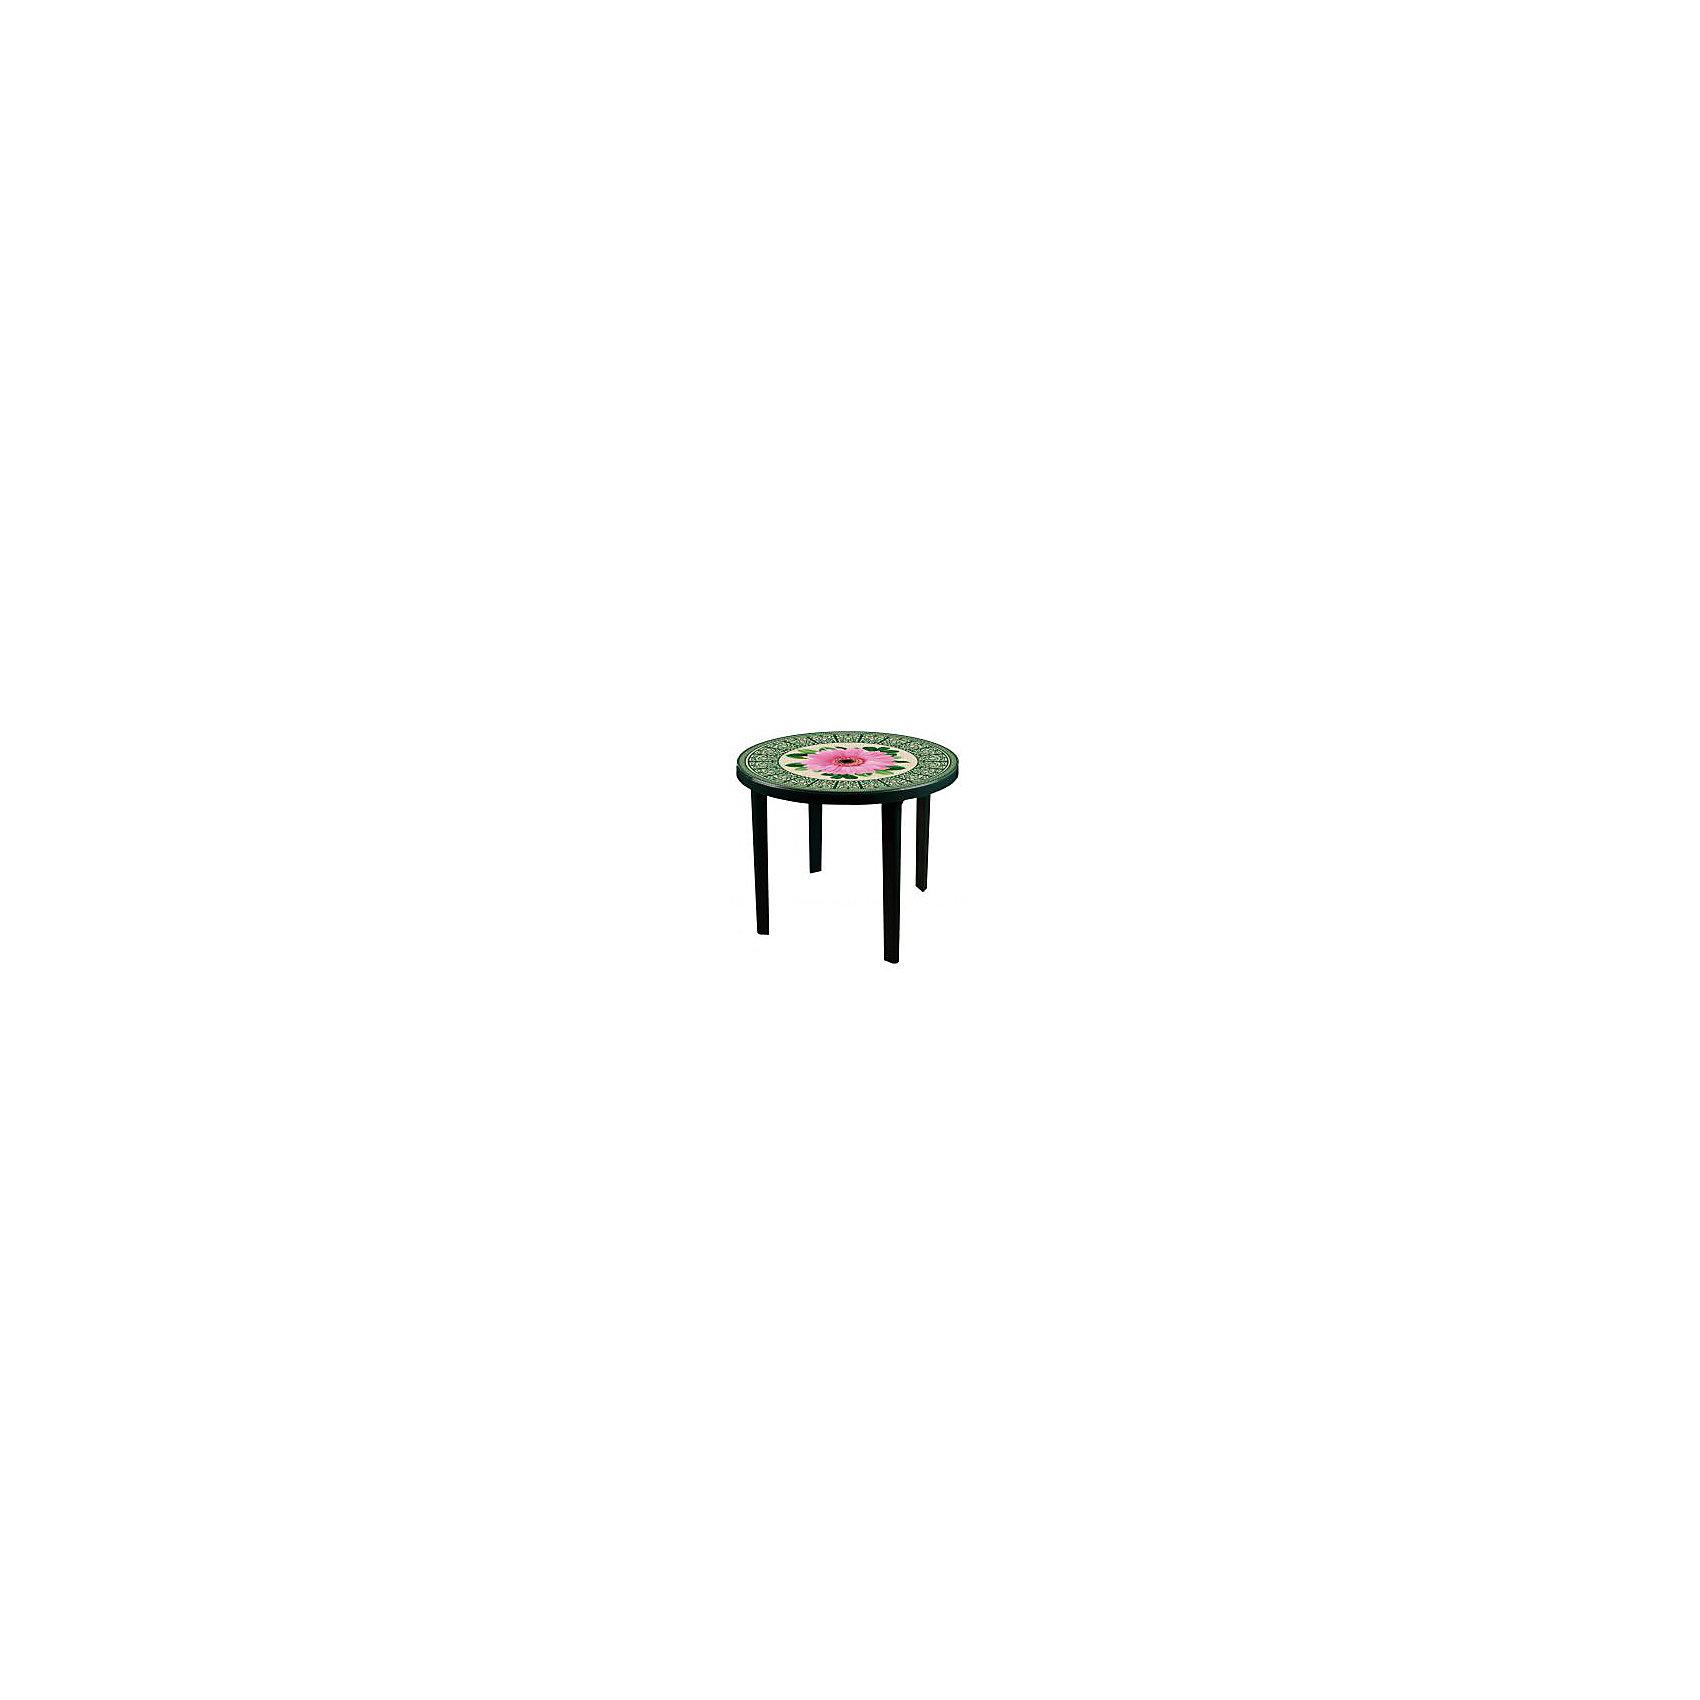 Стол Аврора круглый900х900х750, Alternativa, темно-зеленыйДетские столы и стулья<br>Стол Аврора круглый900х900х750, Alternativa (Альтернатива), темно-зеленый<br><br>Характеристики:<br><br>• круглый стол с устойчивыми ножками<br>• красивый узор на поверхности<br>• материал: пластик<br>• размер: 90х90х75 см<br>• диаметр: 90 см<br>• вес: 4,584 кг<br>• цвет: темно-зеленый<br><br>Стол Аврора станет не только приятным украшением интерьера, но и полезным предметом обихода. Изделие выполнено из качественного прочного пластика. Стол обладает высокой износостойкостью и устойчивостью. На поверхности стола изображен красивый узор с герберой.<br><br>Стол Аврора круглый900х900х750, Alternativa (Альтернатива), темно-зеленый вы можете купить в нашем интернет-магазине.<br><br>Ширина мм: 900<br>Глубина мм: 900<br>Высота мм: 750<br>Вес г: 4584<br>Возраст от месяцев: 216<br>Возраст до месяцев: 1188<br>Пол: Унисекс<br>Возраст: Детский<br>SKU: 5475665